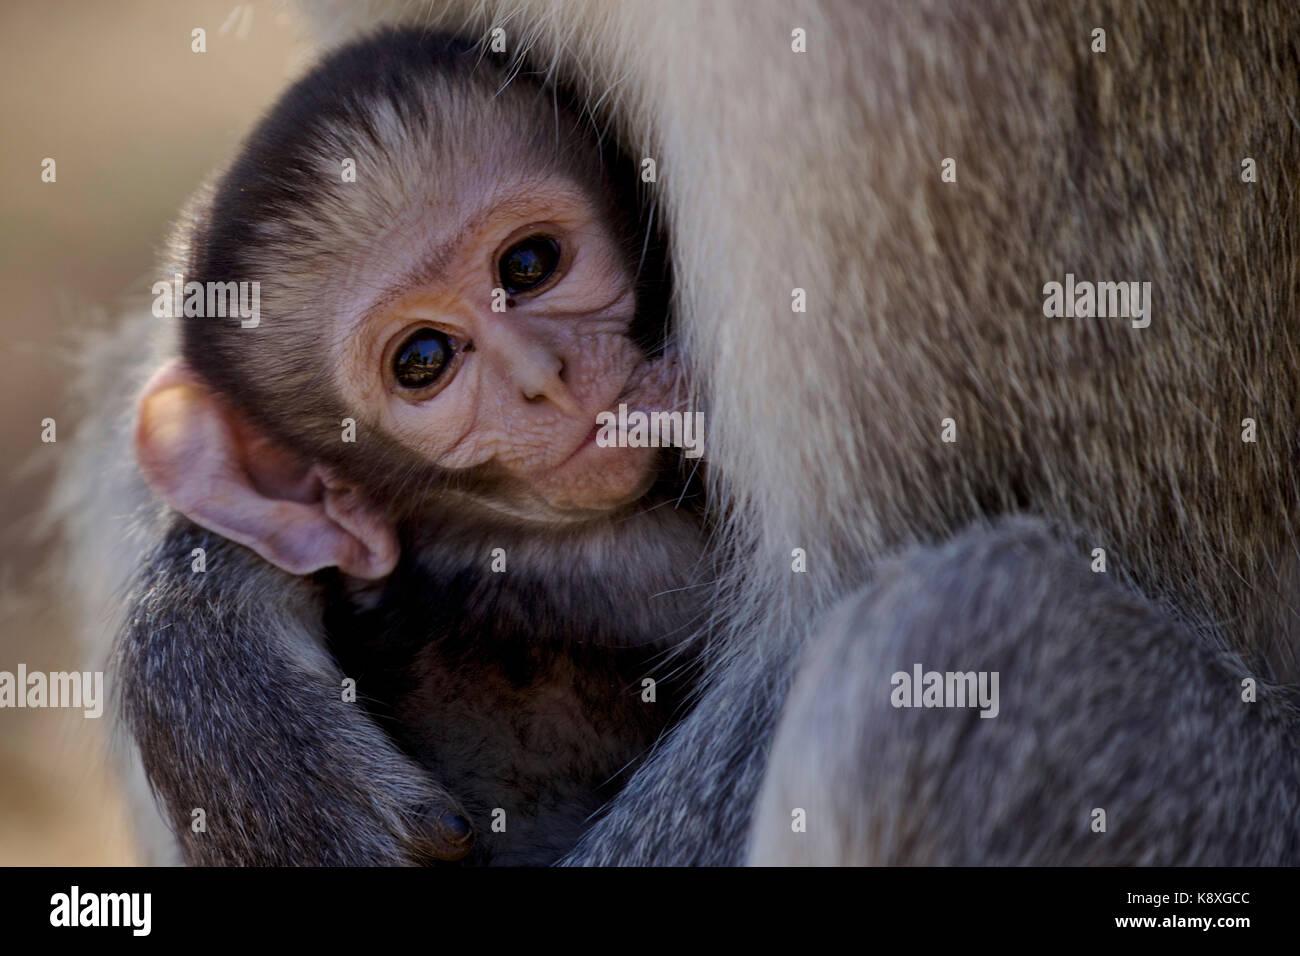 La hora del desayuno para un bebé mono vervet (África). Imagen De Stock